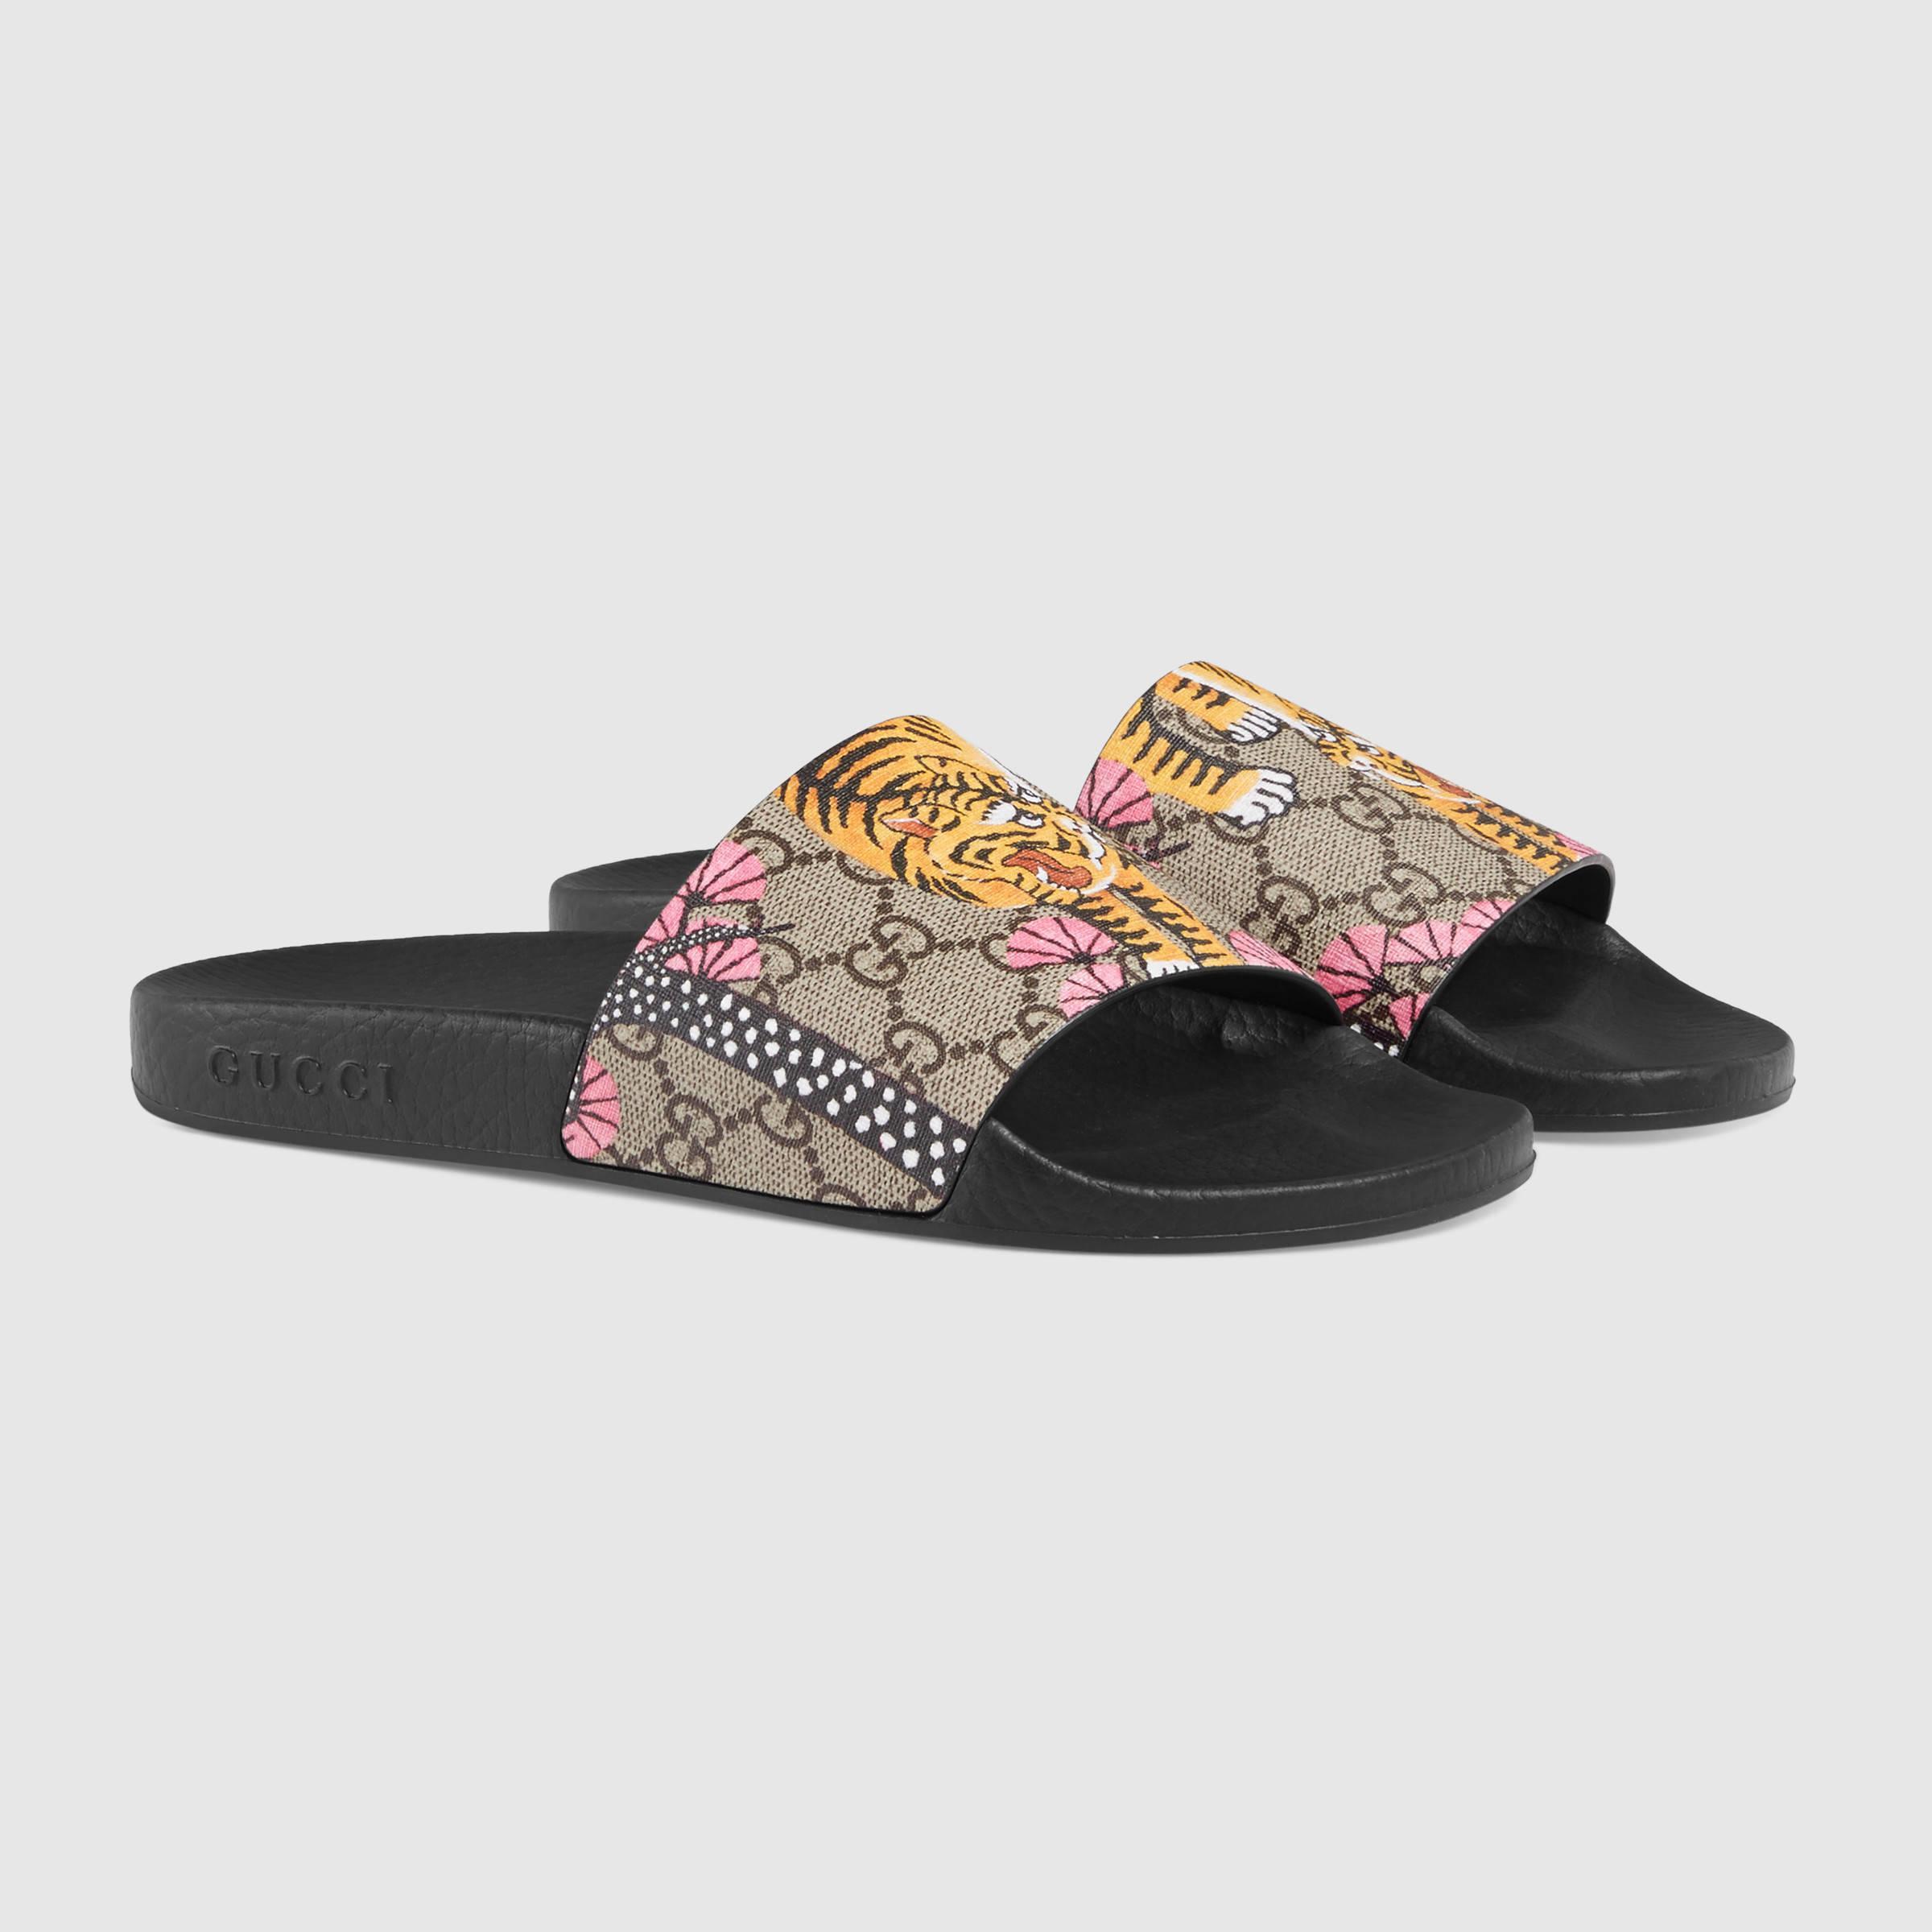 e45beafb16b8 Lyst - Gucci Pursuit Bengal Slide Sandal